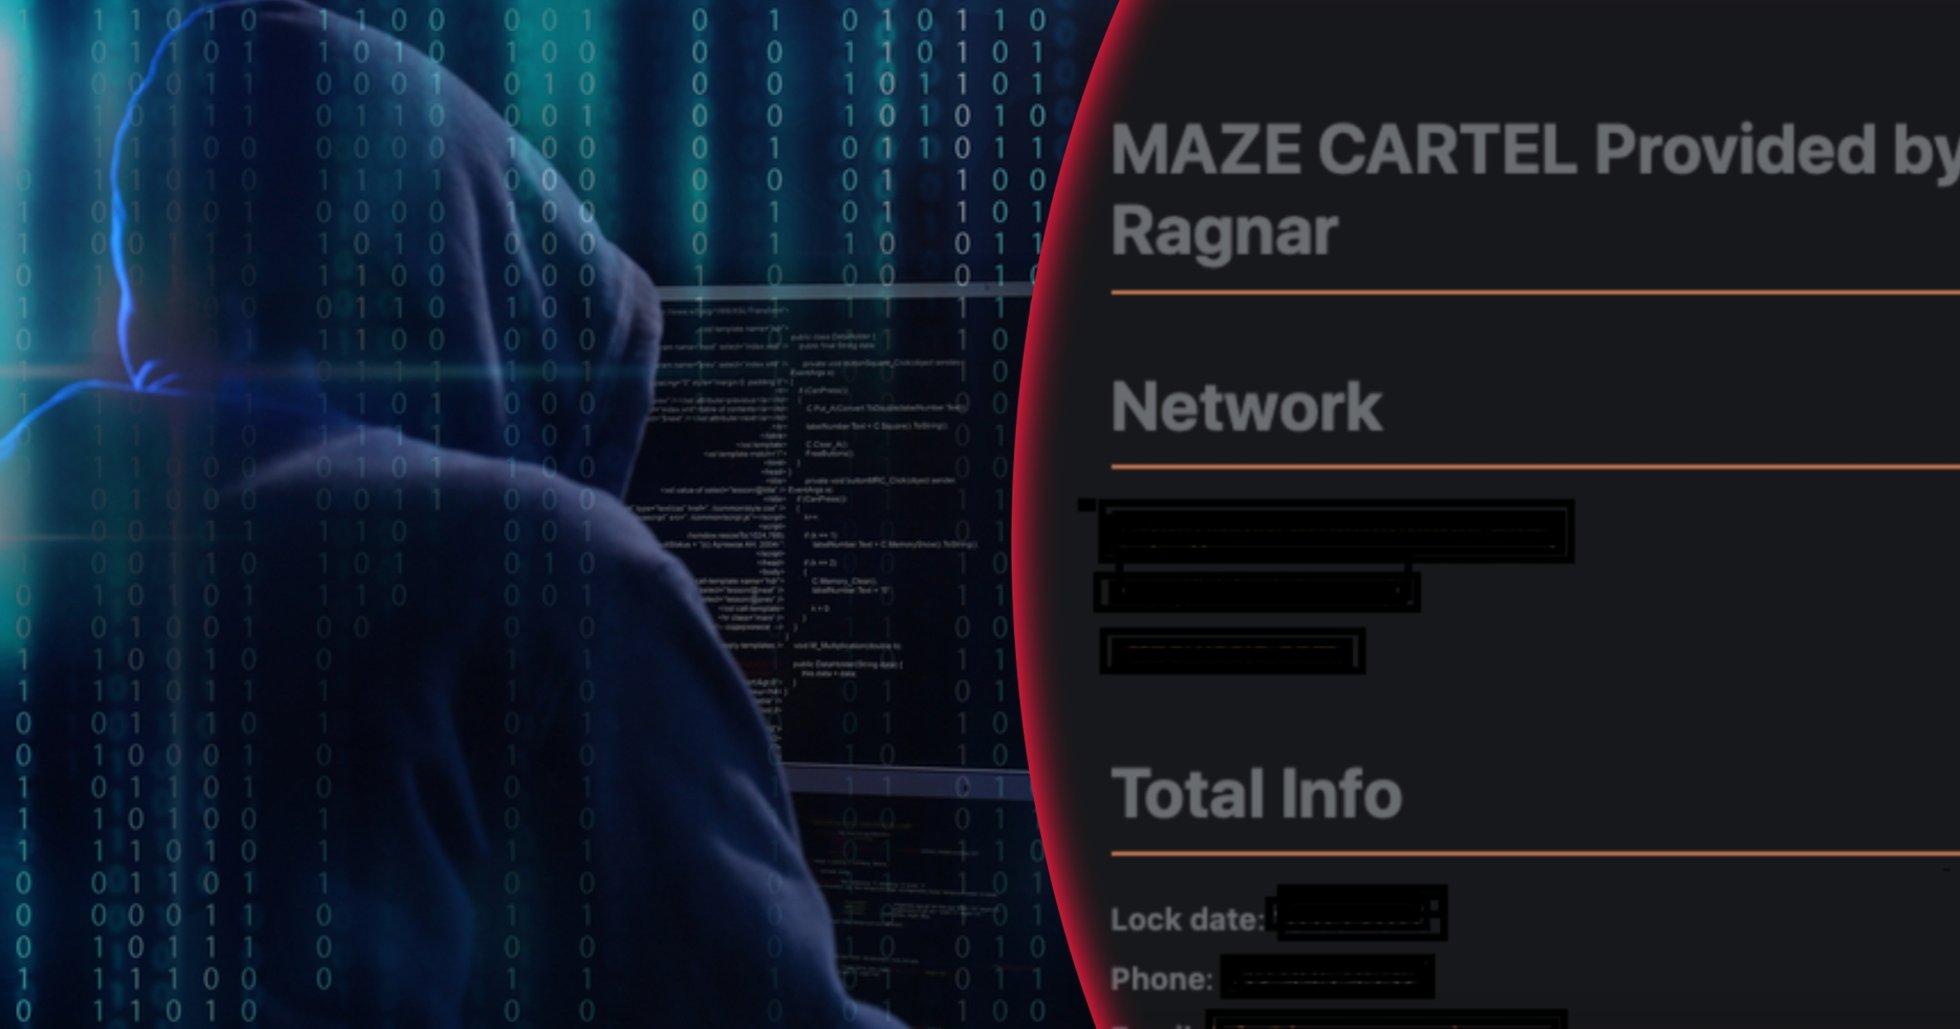 Expert efter att ransomware-gäng börjat samarbeta: